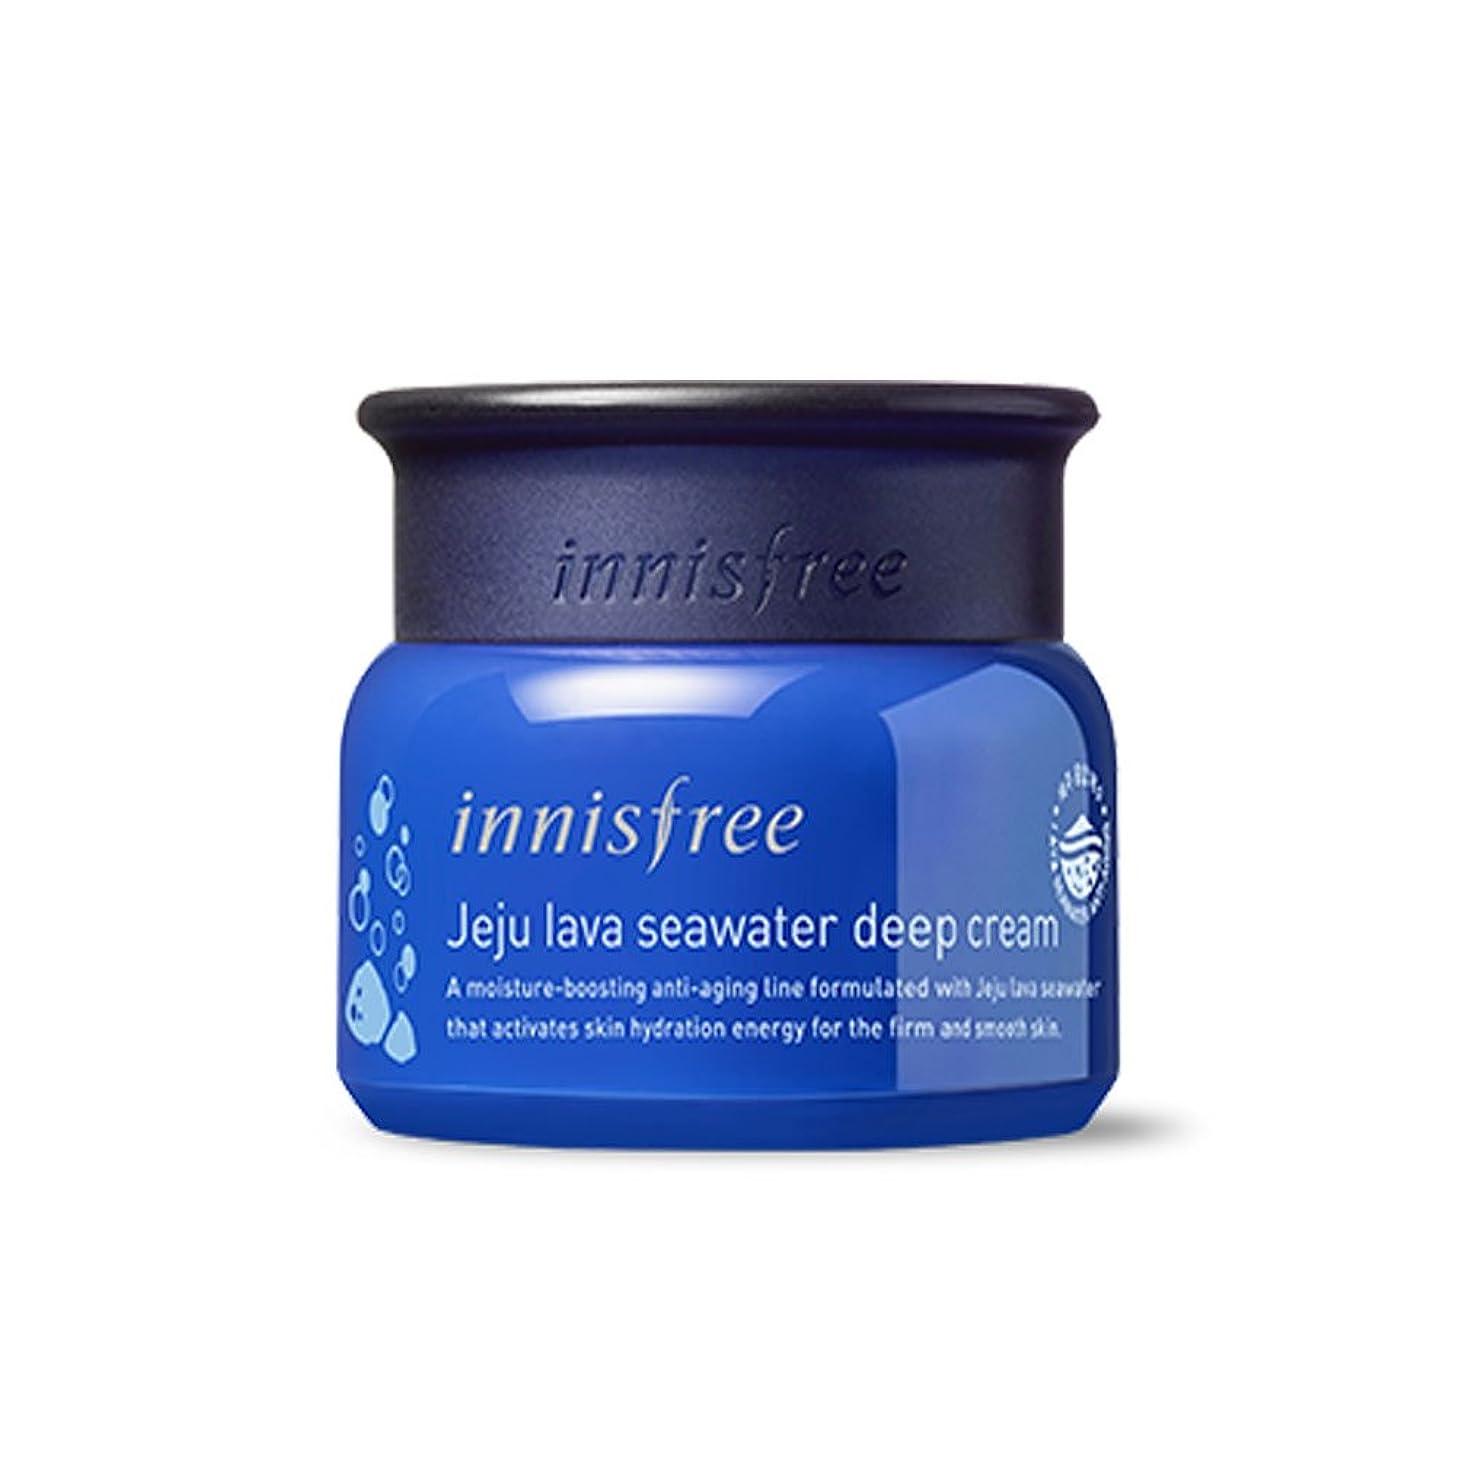 少ない切り離すレーダーイニスフリー済州ラブシーウォーターディープクリーム50ml Innisfree Jeju Lava Seawater Deep Cream 50ml [外直送品][並行輸入品]